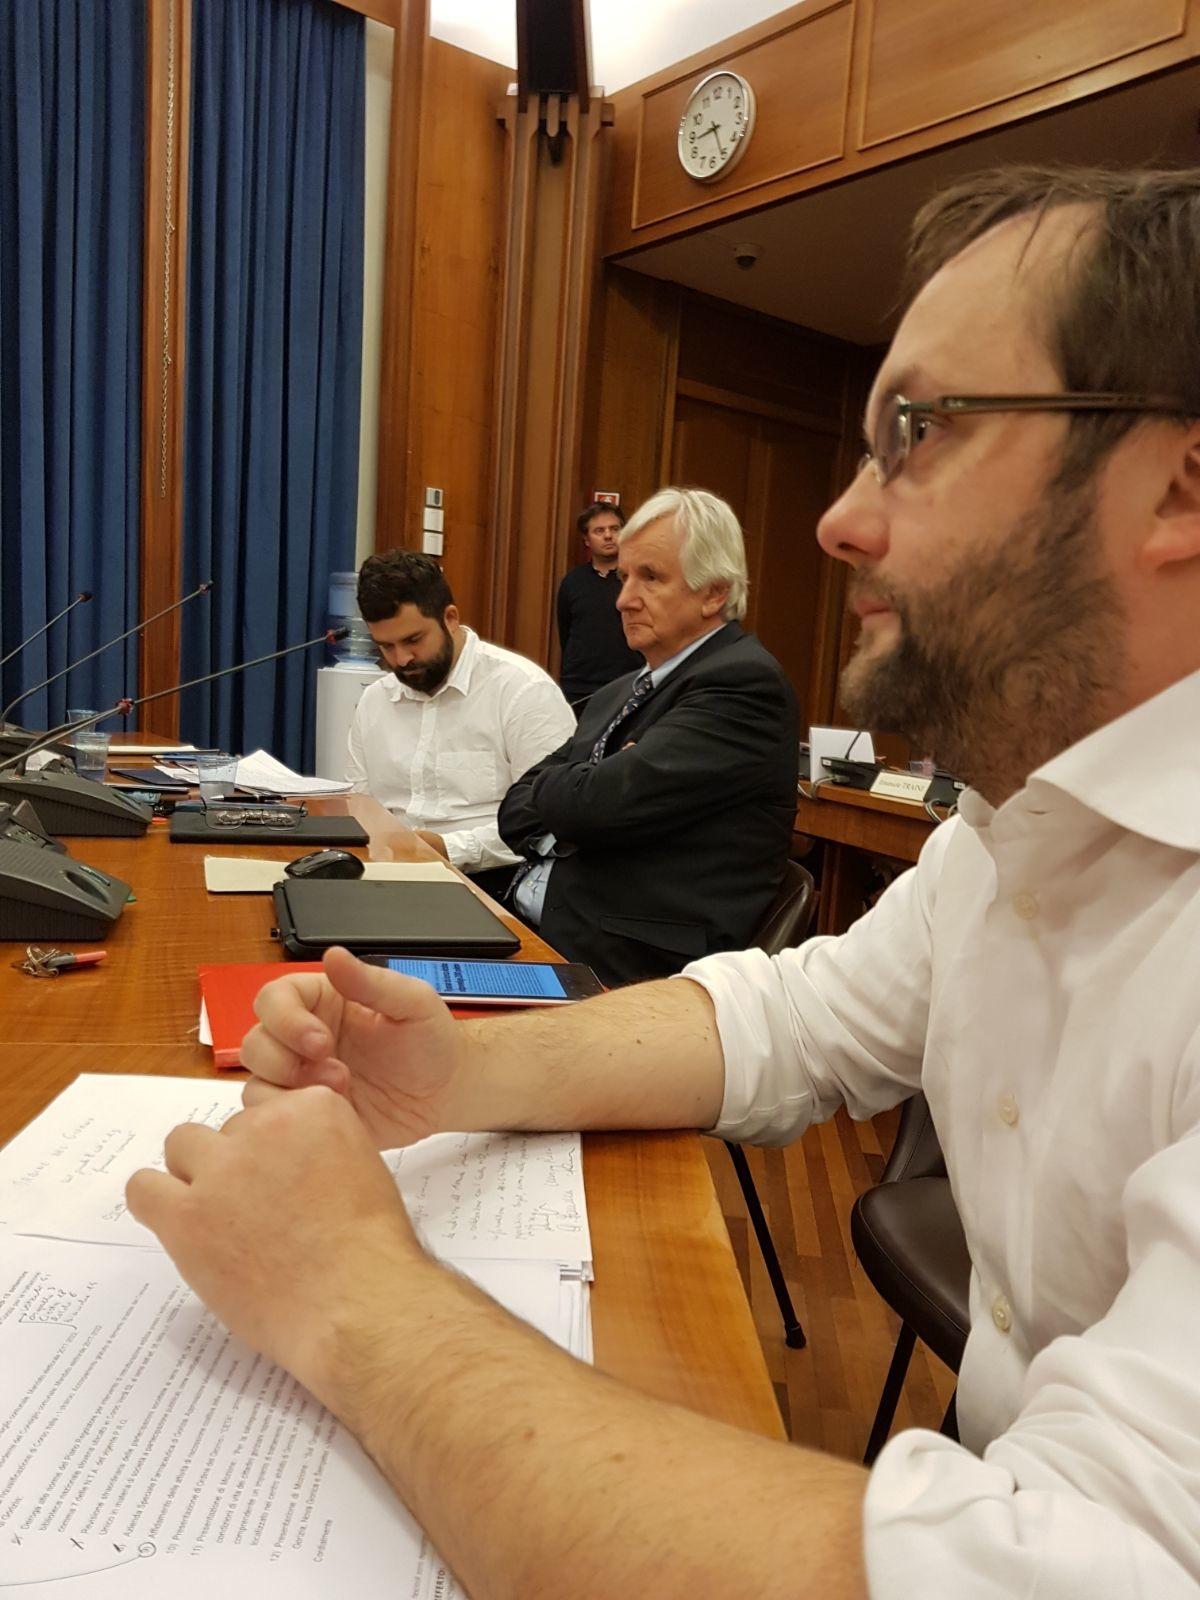 La destra traballa in Consiglio comunale, nonostante minacce e insulti all'opposizione